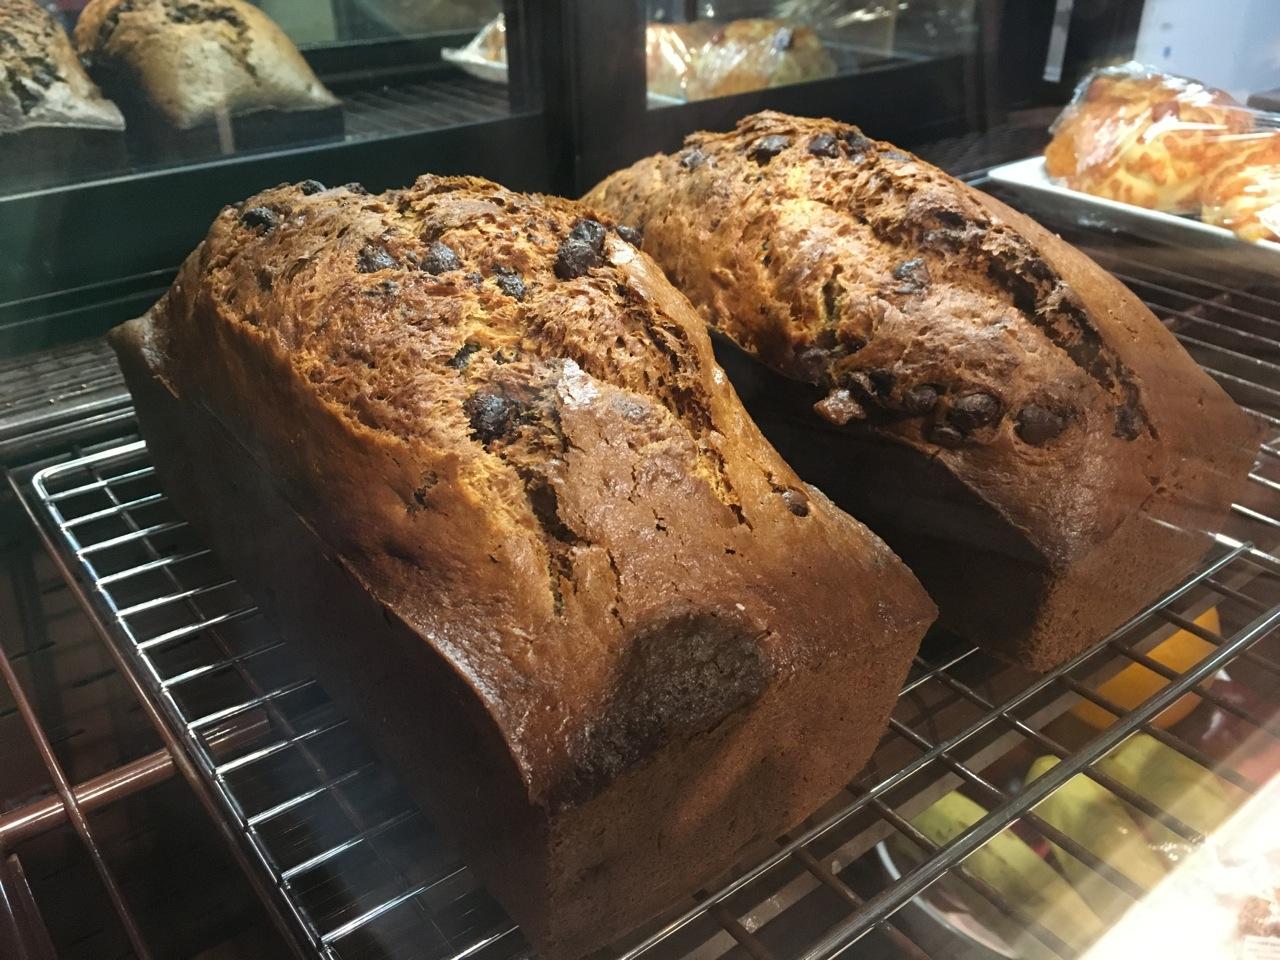 Banana Bread, baked fresh